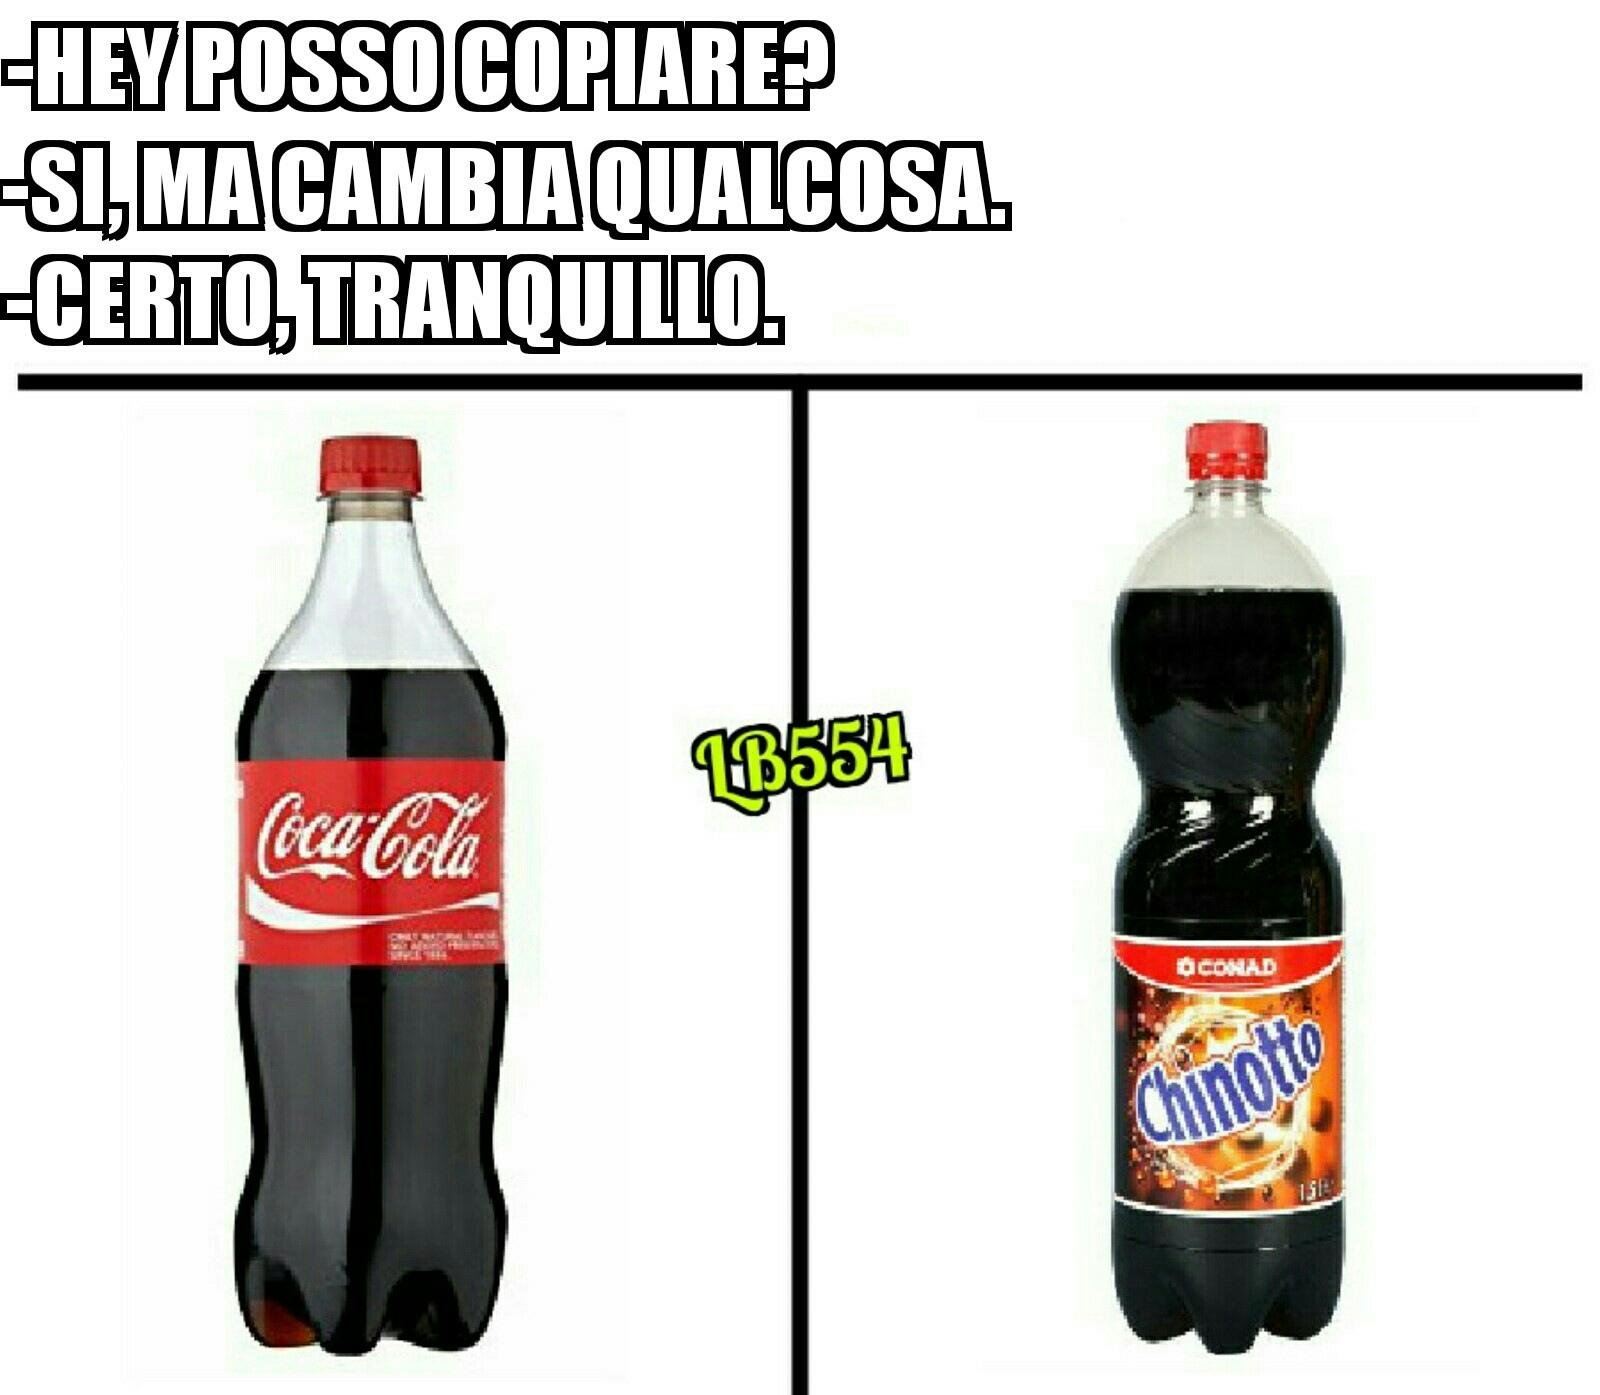 Ormai sono 4 anni che non bevo coca - meme